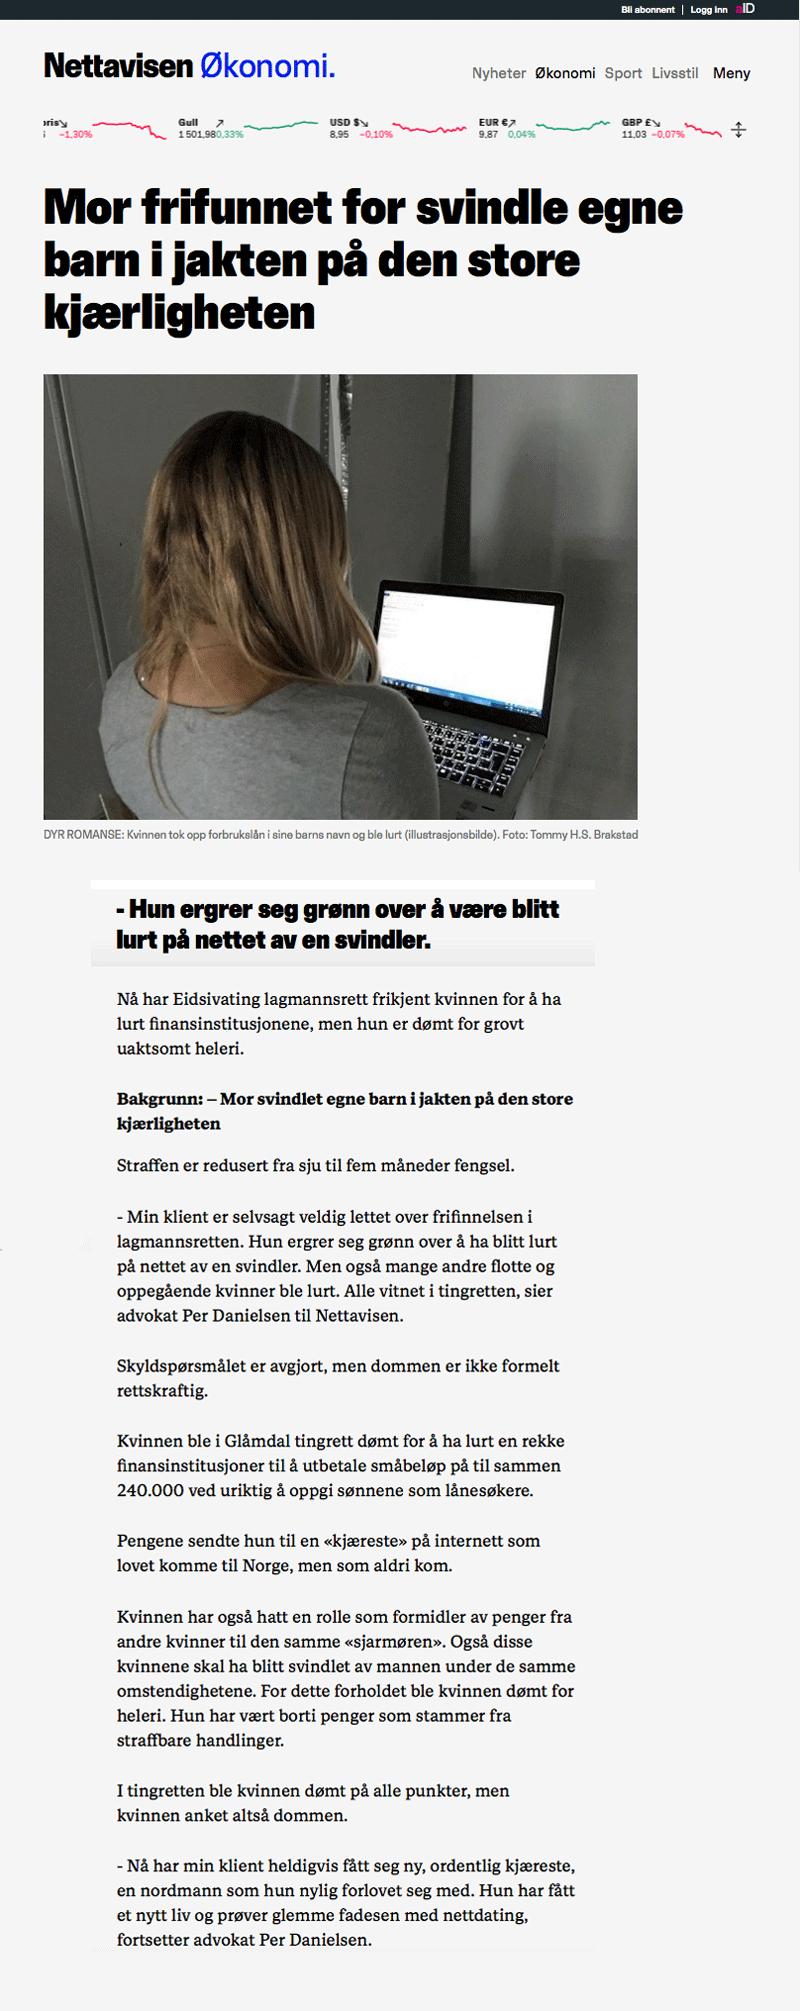 Advokat økonomisk kriminalitet. Frifunnet for å svindle egne barn. Advokat Danielsen & Co. Per Danielsen.